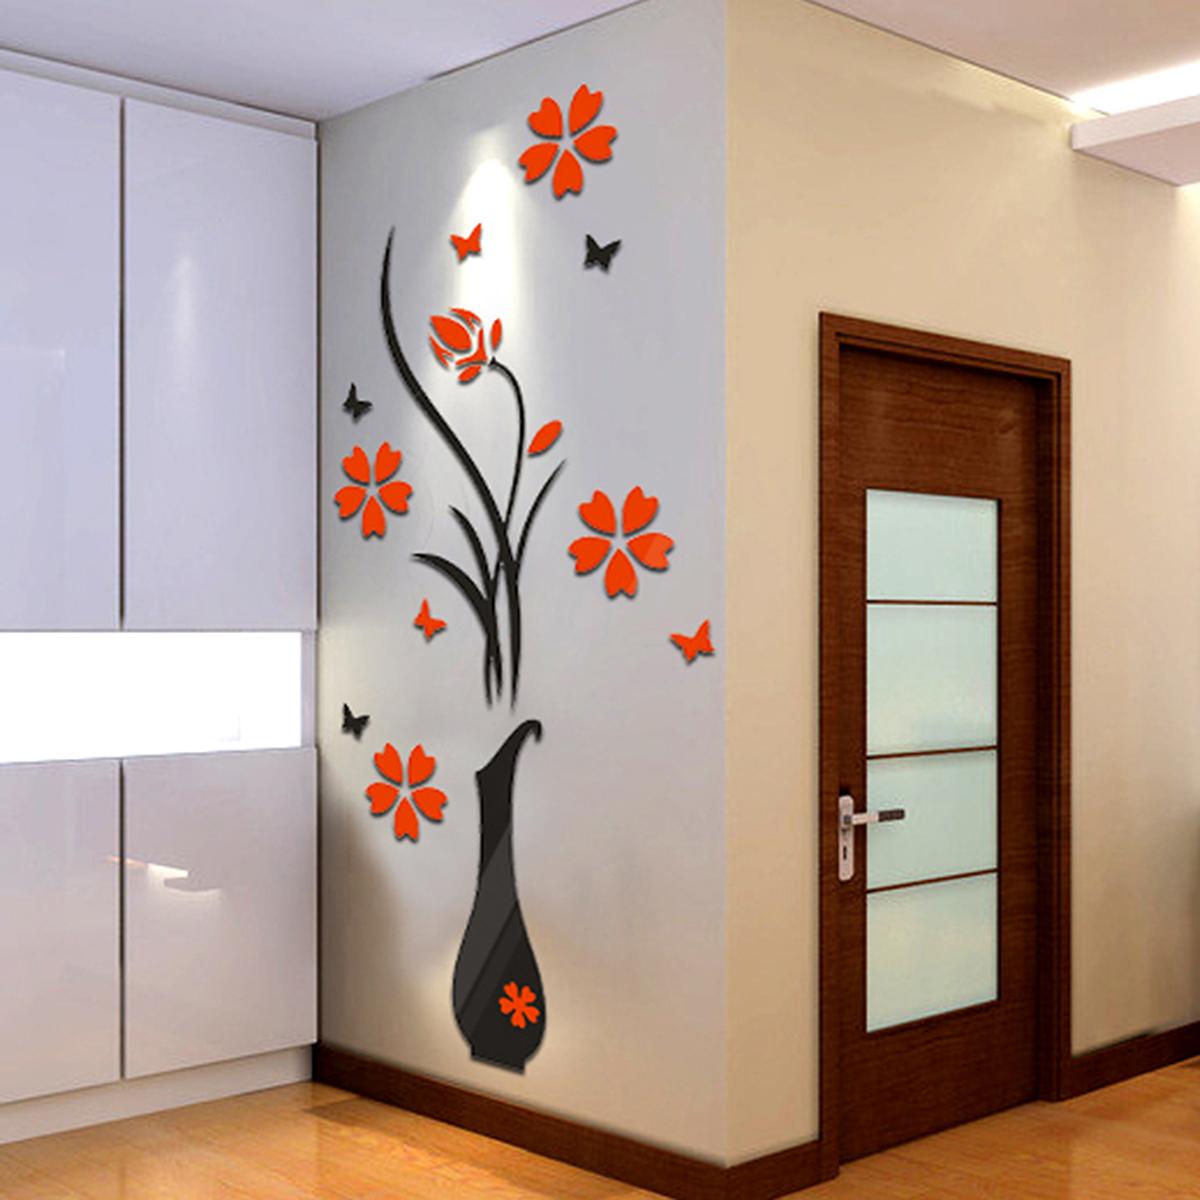 Diy Hallway Wall Decor : S m l room hallway flower crystal d wall sticker acrylic